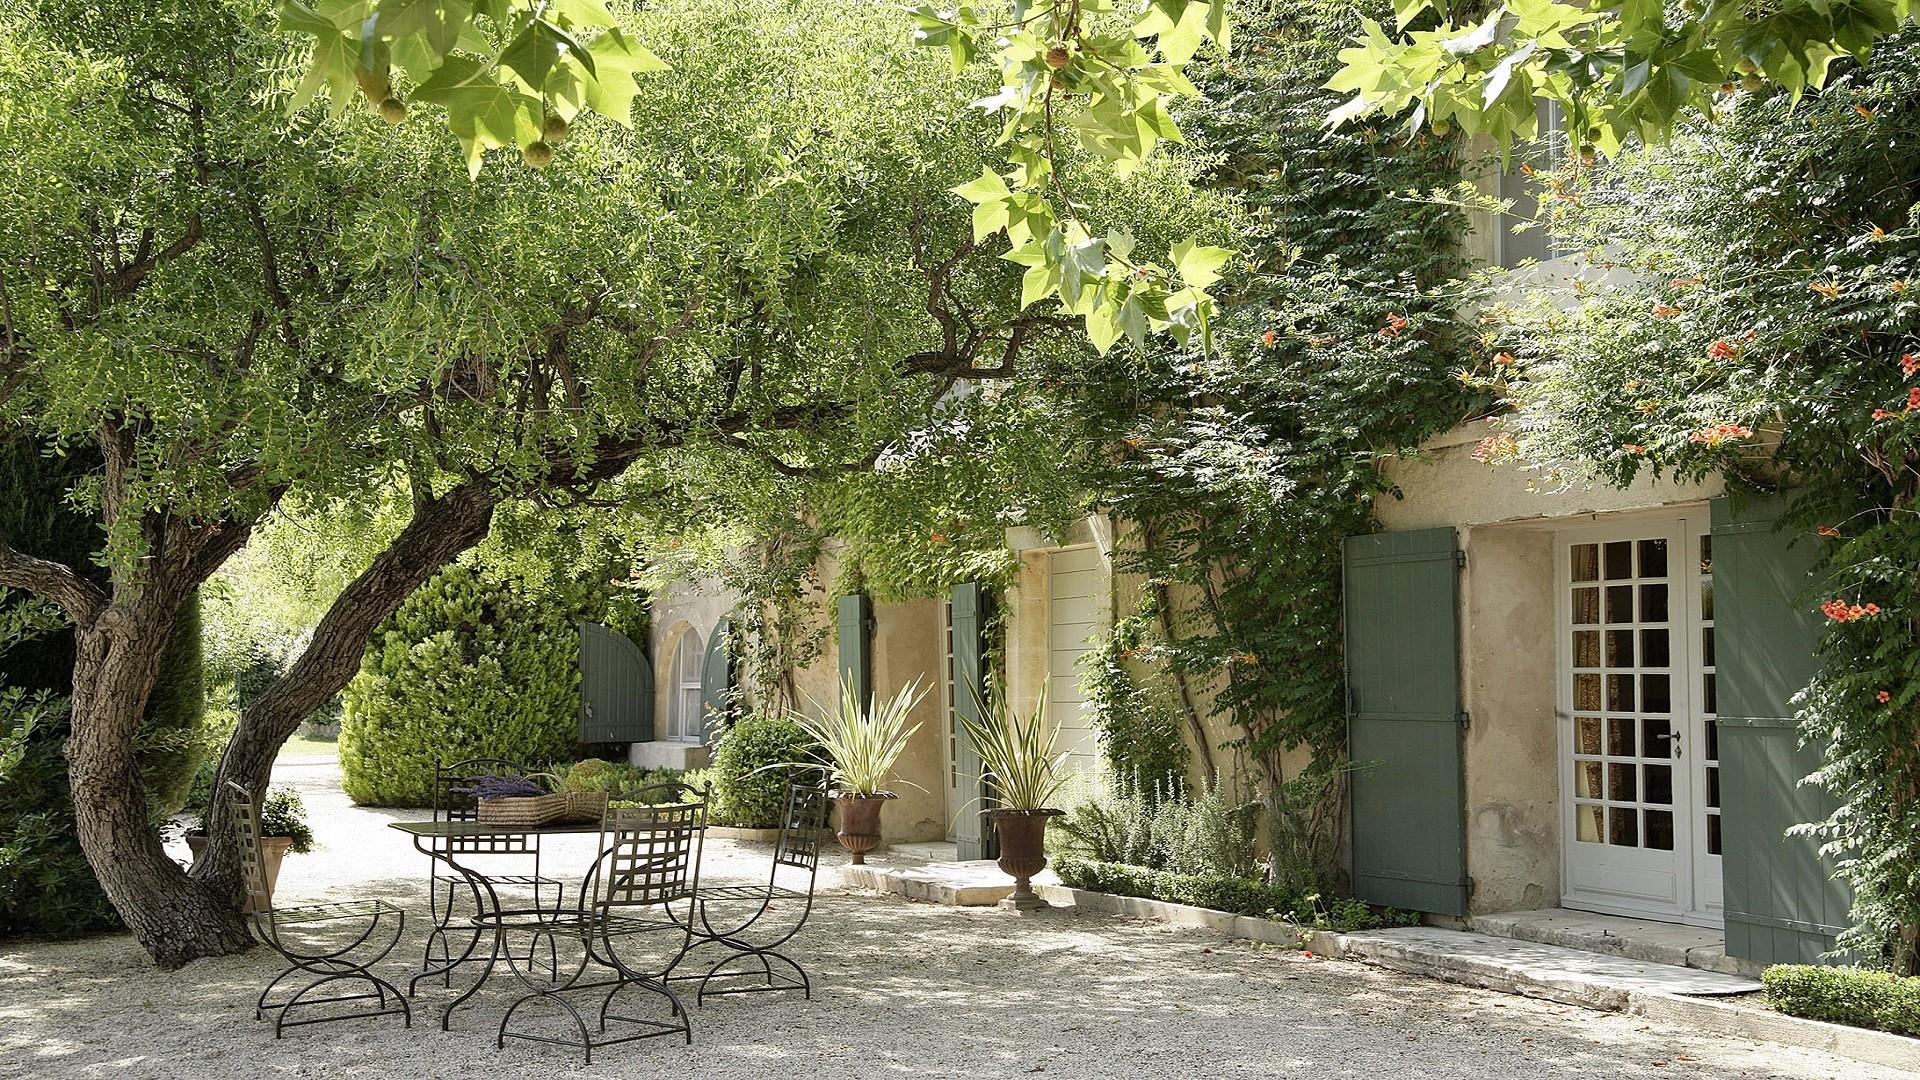 baumaniere-alpilles-saint-remy-de-provence-avignon-carrieres-de-lumieres-jardins